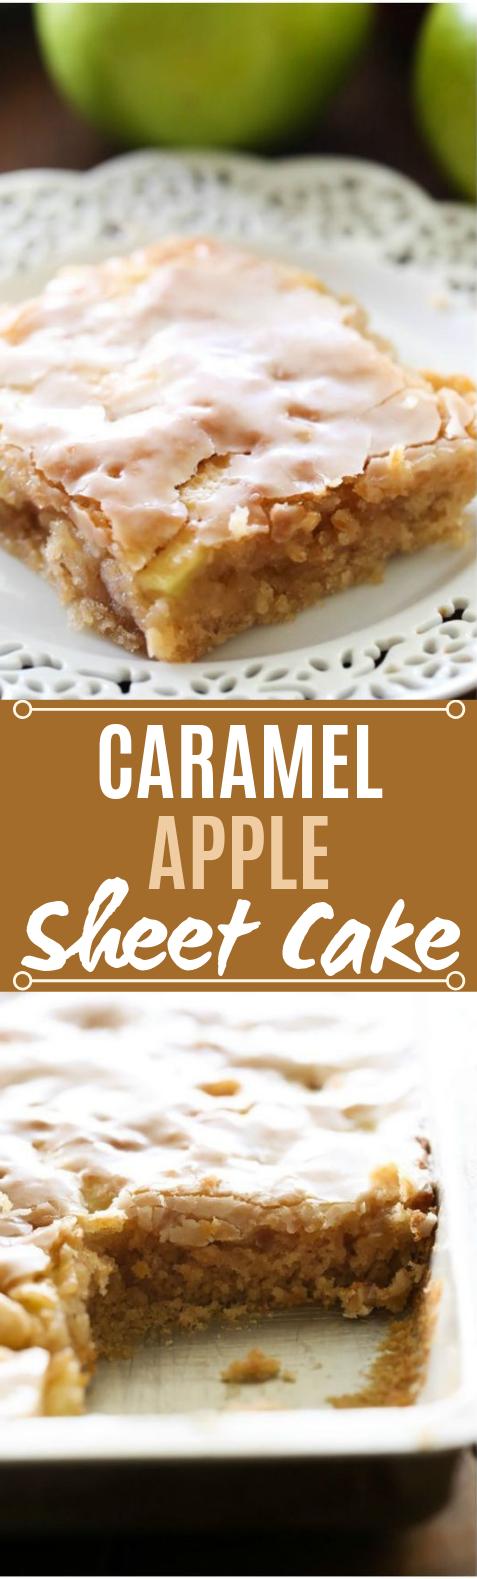 Caramel Apple Sheet Cake #desserts #cake